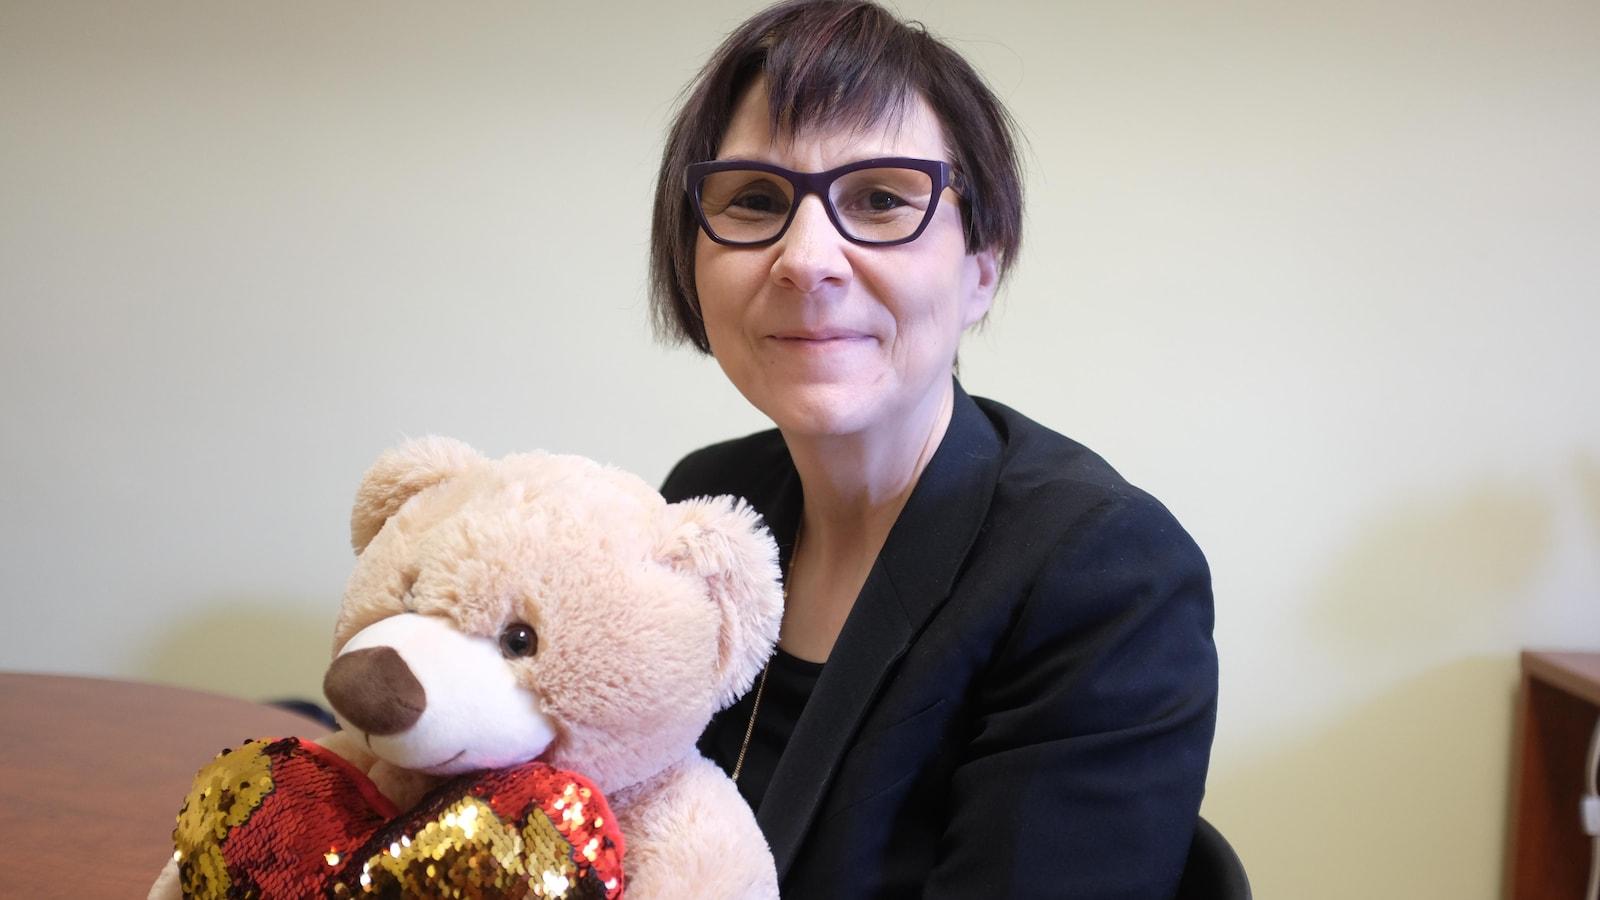 La professeure Cindy Blackstock pose avec un ourson, mascotte de sa cause, dans son bureau à l'Université McGill.